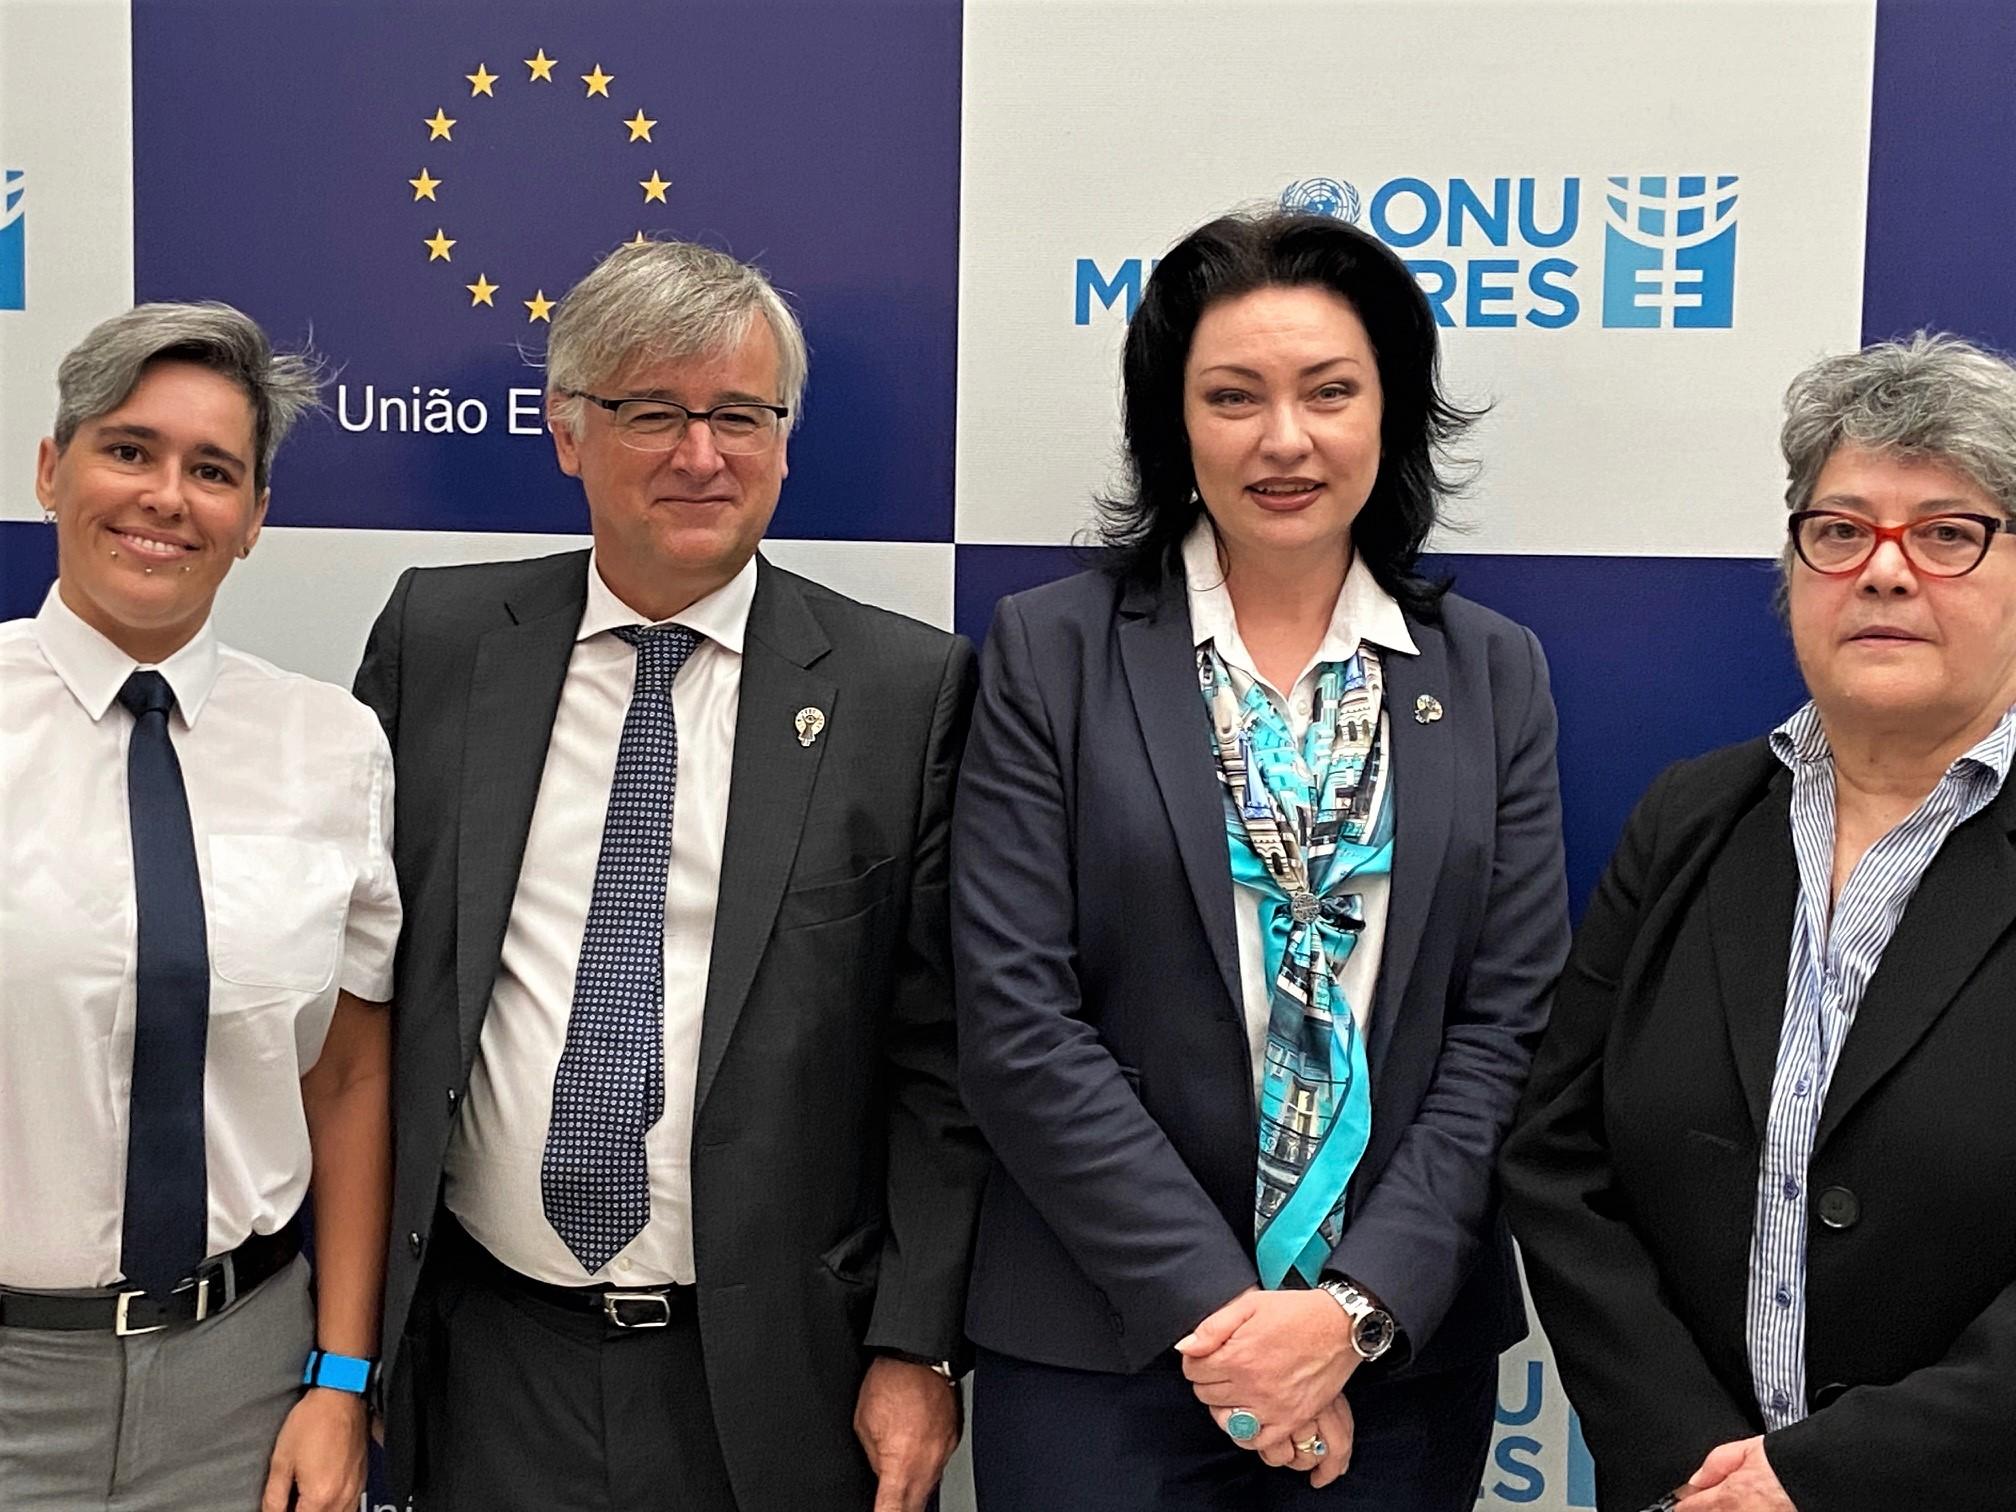 ONU Mulheres e União Europeia fortalecem cooperação em apoio às defensoras de direitos humanos e pelo fim da violência contra as mulheres/violencia contra as mulheres onu mulheres ods noticias mulheres rurais mulheres quilombolas mulheres negras mulheres indigenas igualdade de genero direitos humanos direitosdasmulheres